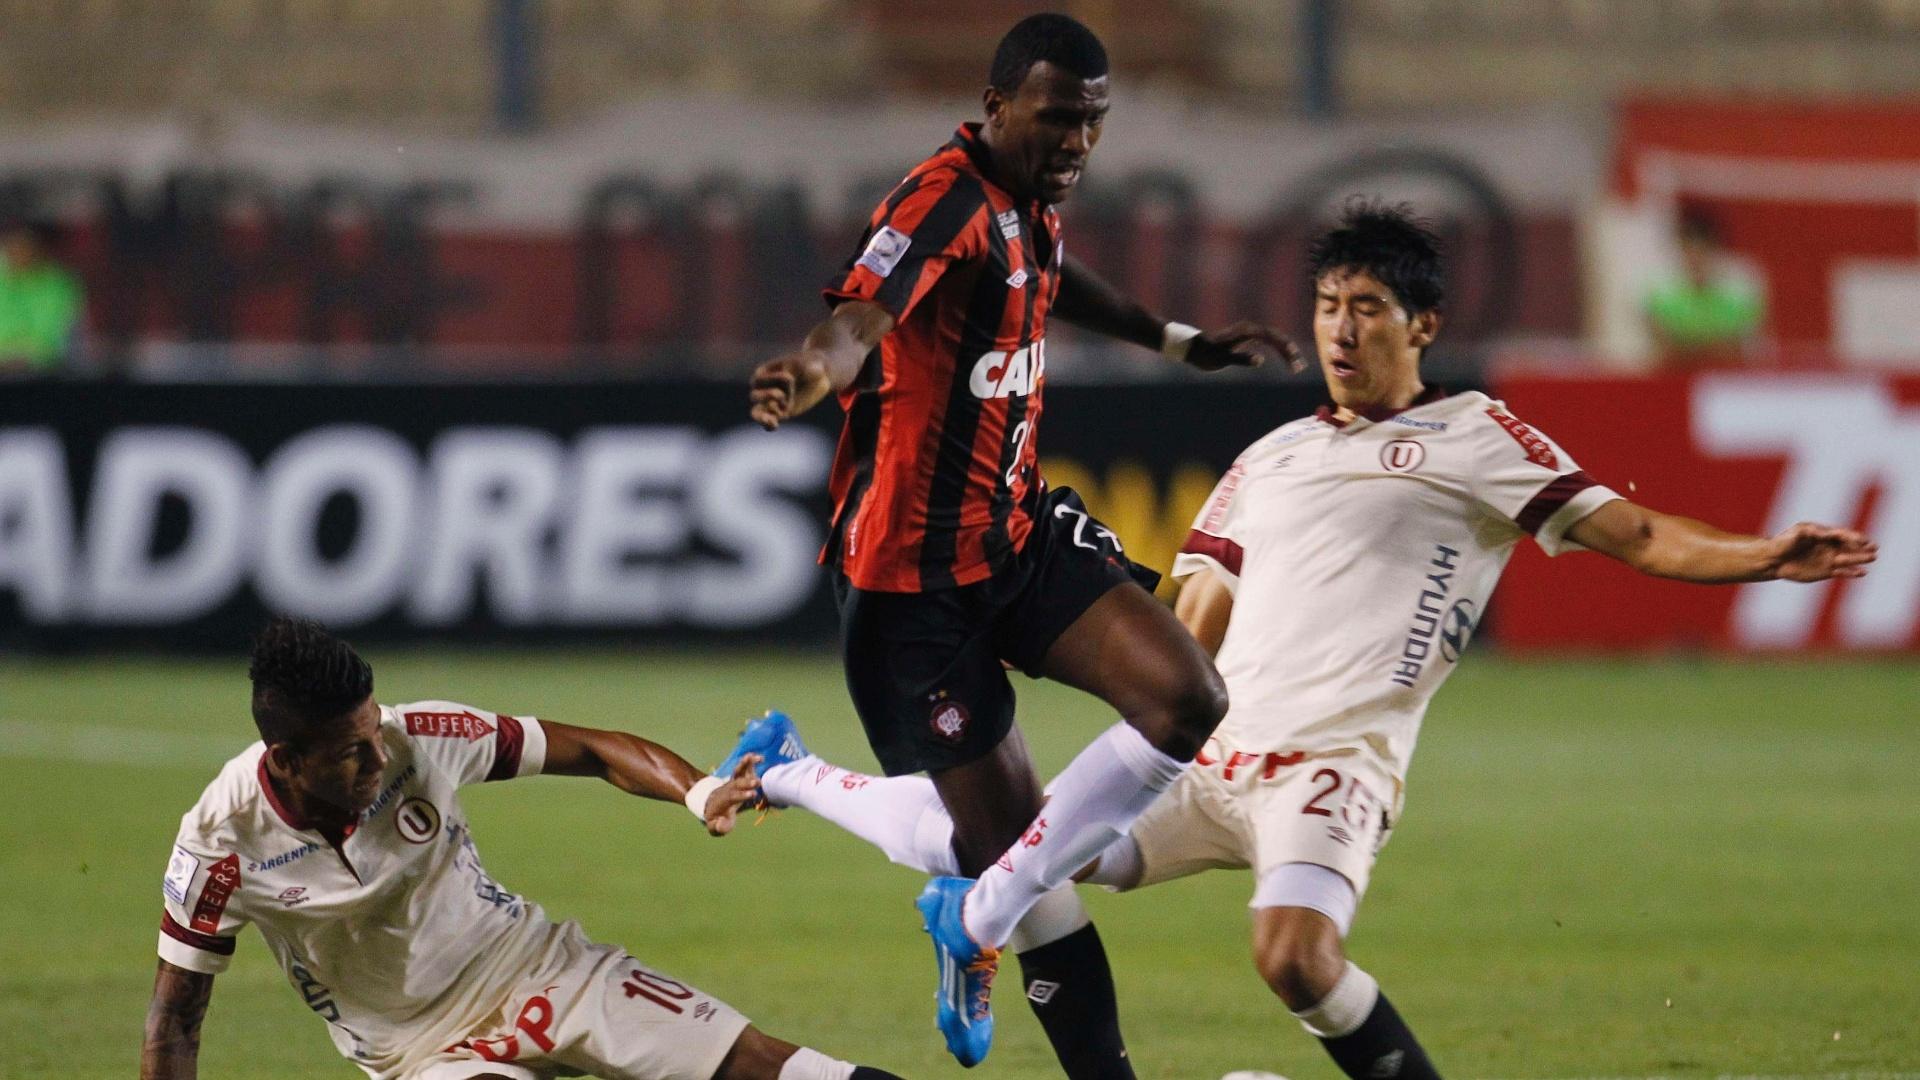 14.03.14 - Douglas Coutinho tenta escapar da marcação de dois jogadores durante partida entre Atlético-PR e Universitário pela Libertadores